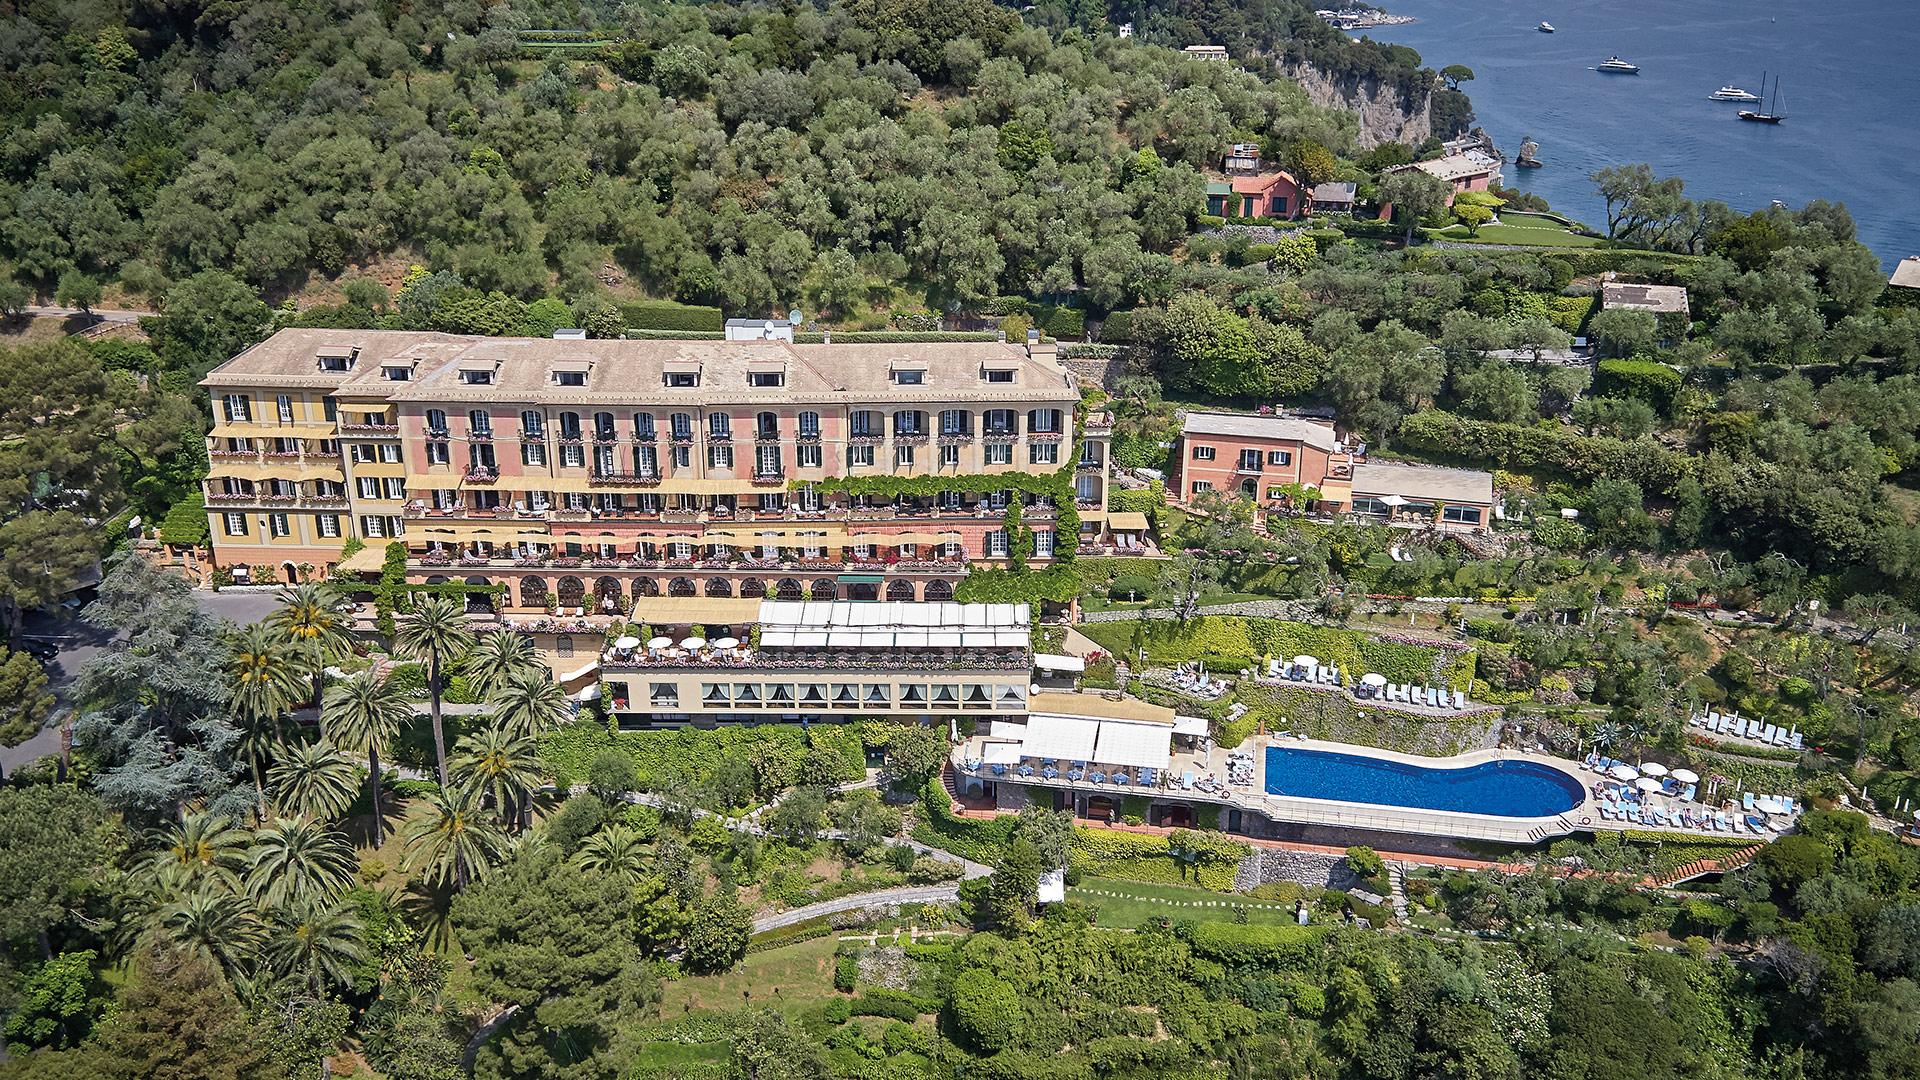 Belmond-Hotel-Splendido-Portofino